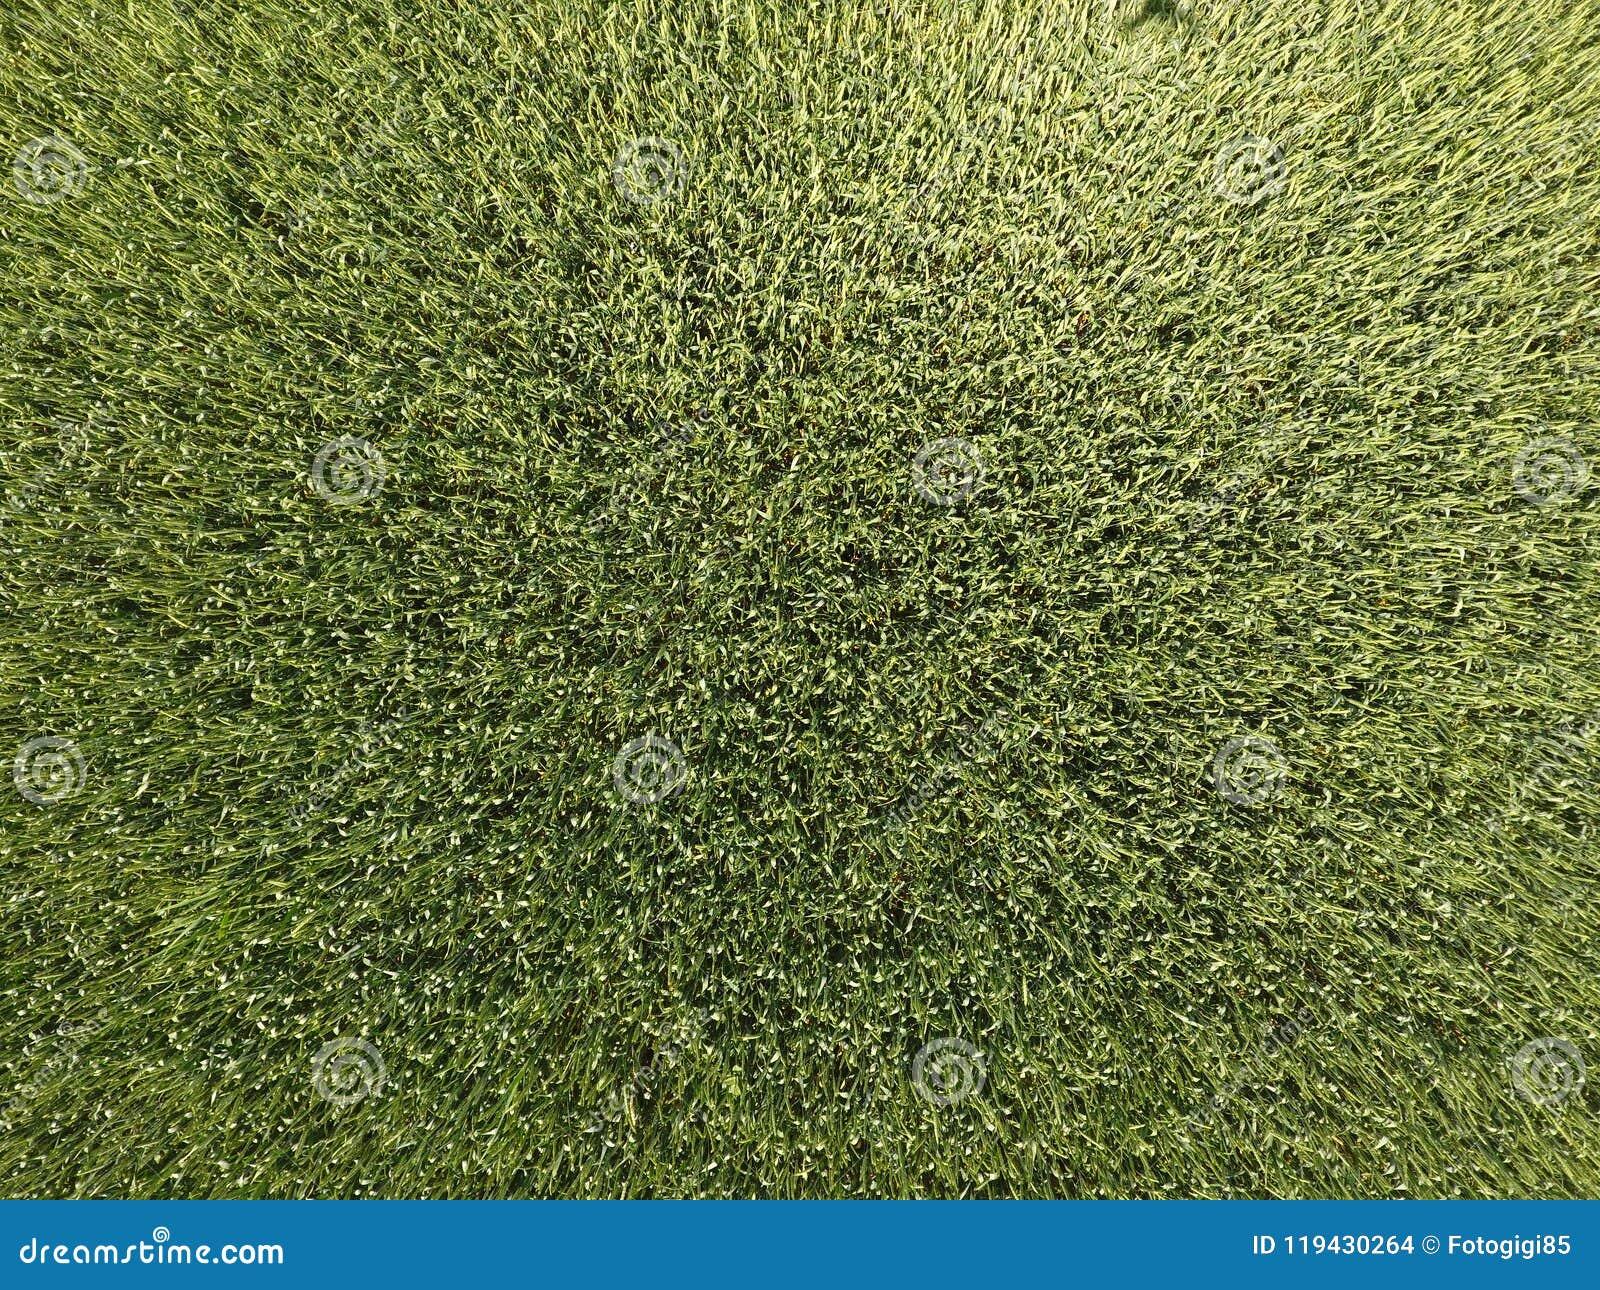 Grüner Weizen auf dem Gebiet, Draufsicht mit einem Brummen Beschaffenheit des Weizengrünhintergrundes